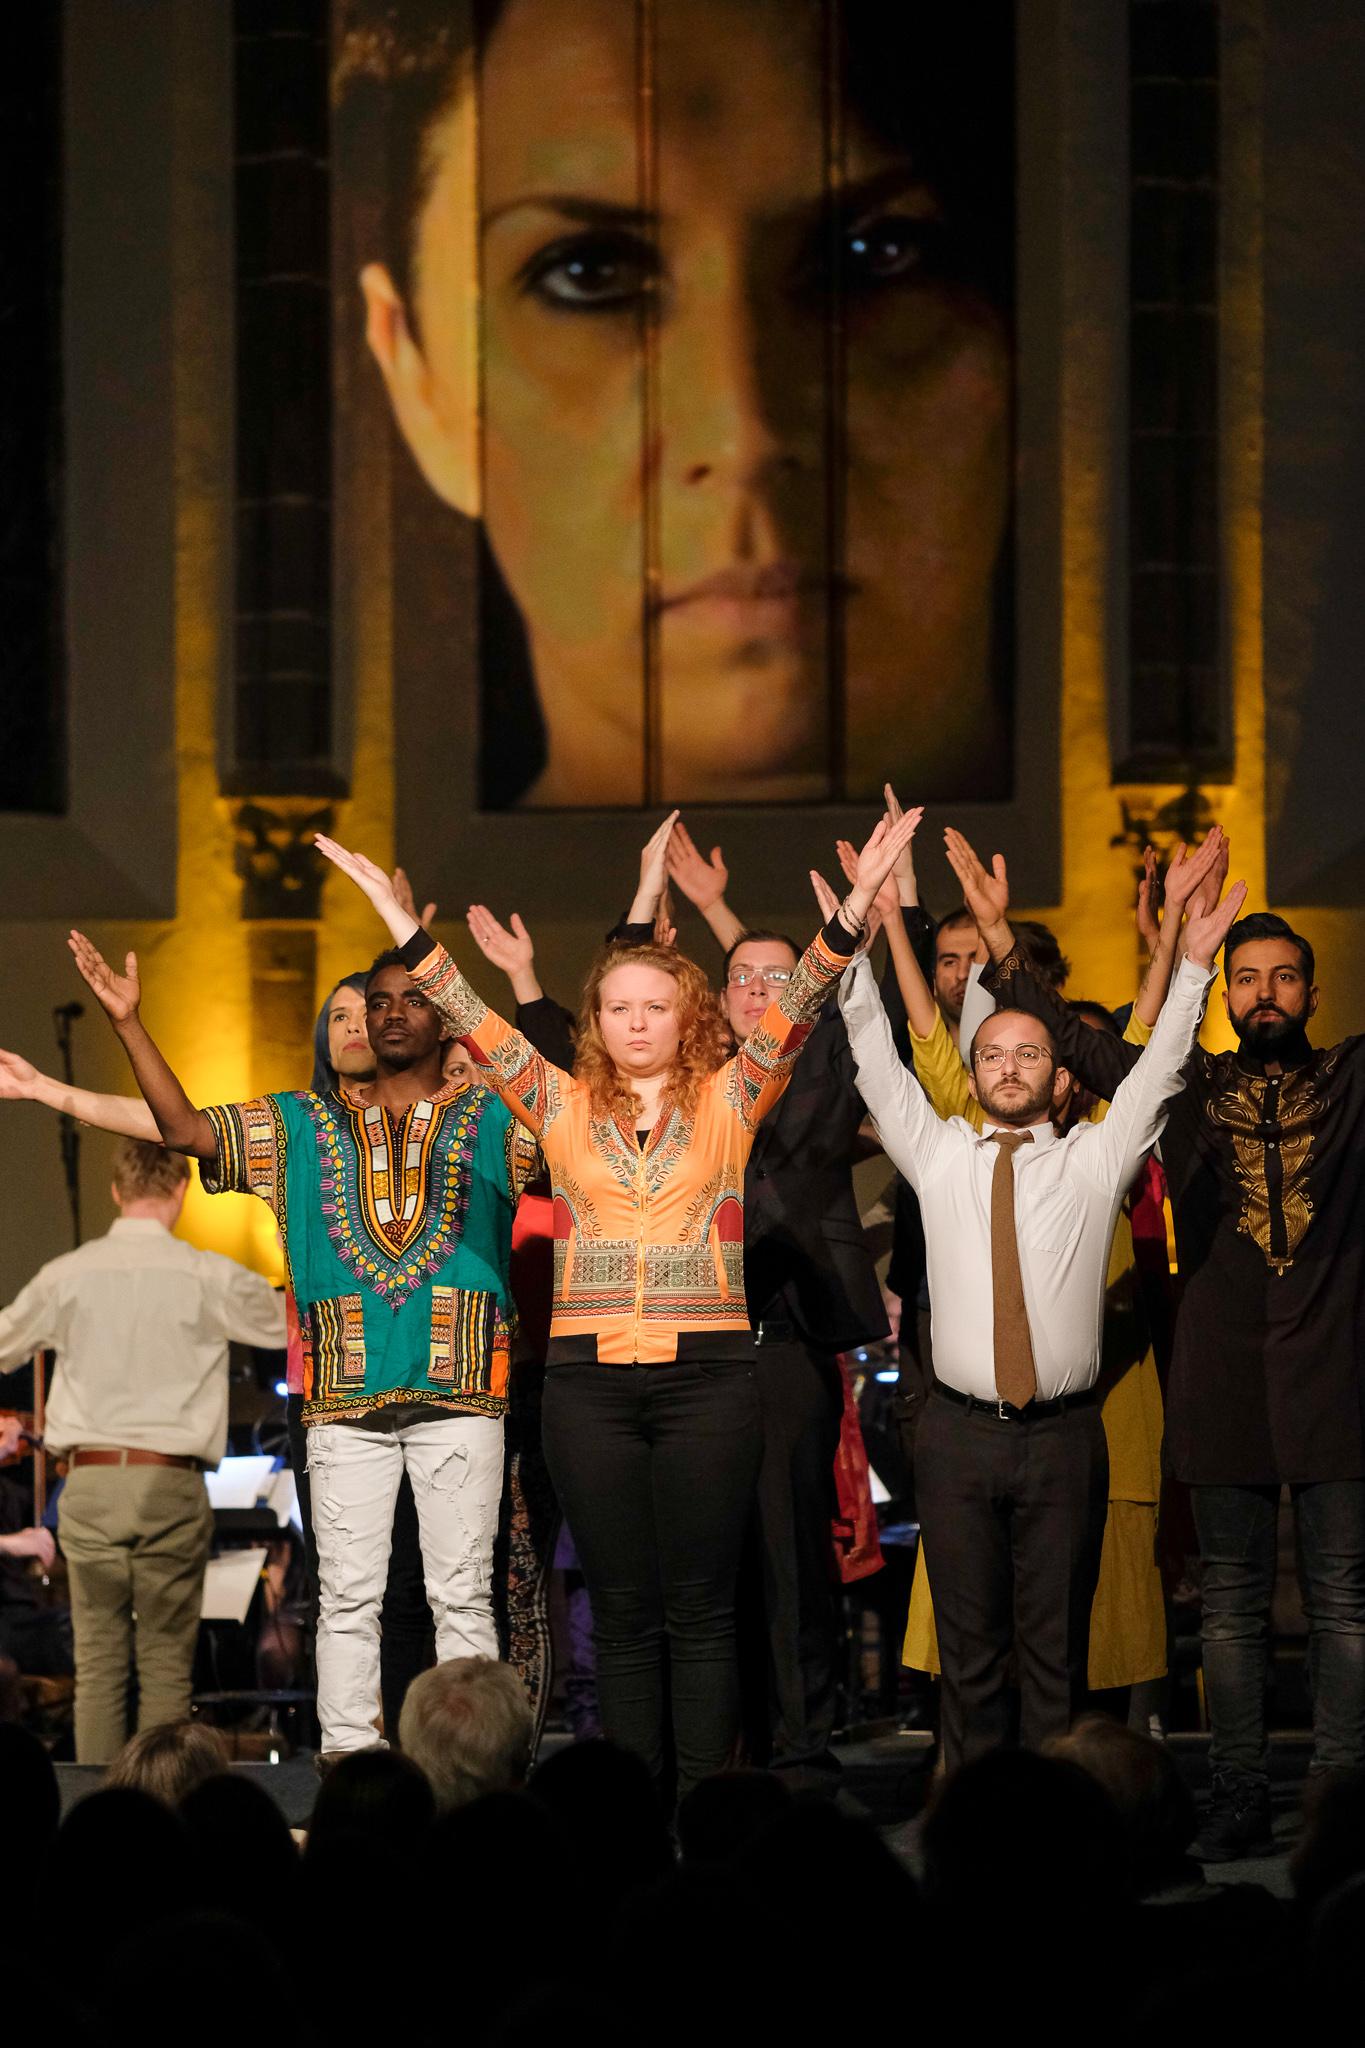 MESSIAH FÜR ALLE, Theaterprojekt von Maja Wolf und Timo Becker, Heiliggeistkirche am Dominikanerkloster,Frankfurt/M., 22.03.19, Foto:Tim Wegner  www.timwegner.de